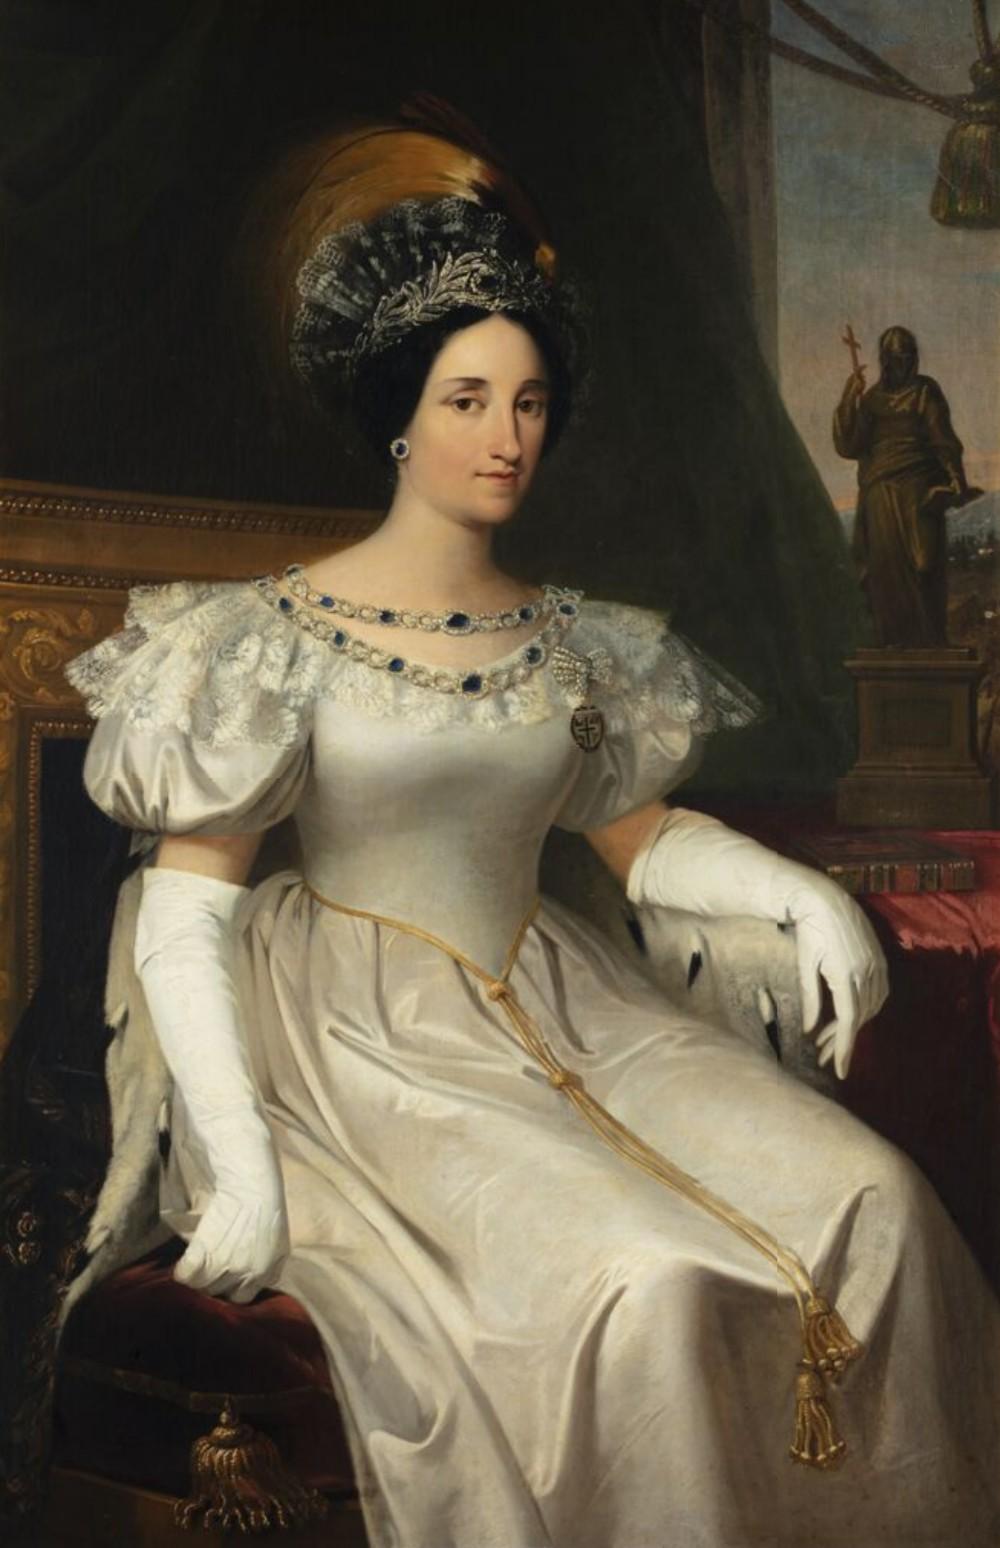 http://upload.wikimedia.org/wikipedia/commons/1/1b/Maria_Beatrice_Vittoria_of_Savoy.jpg